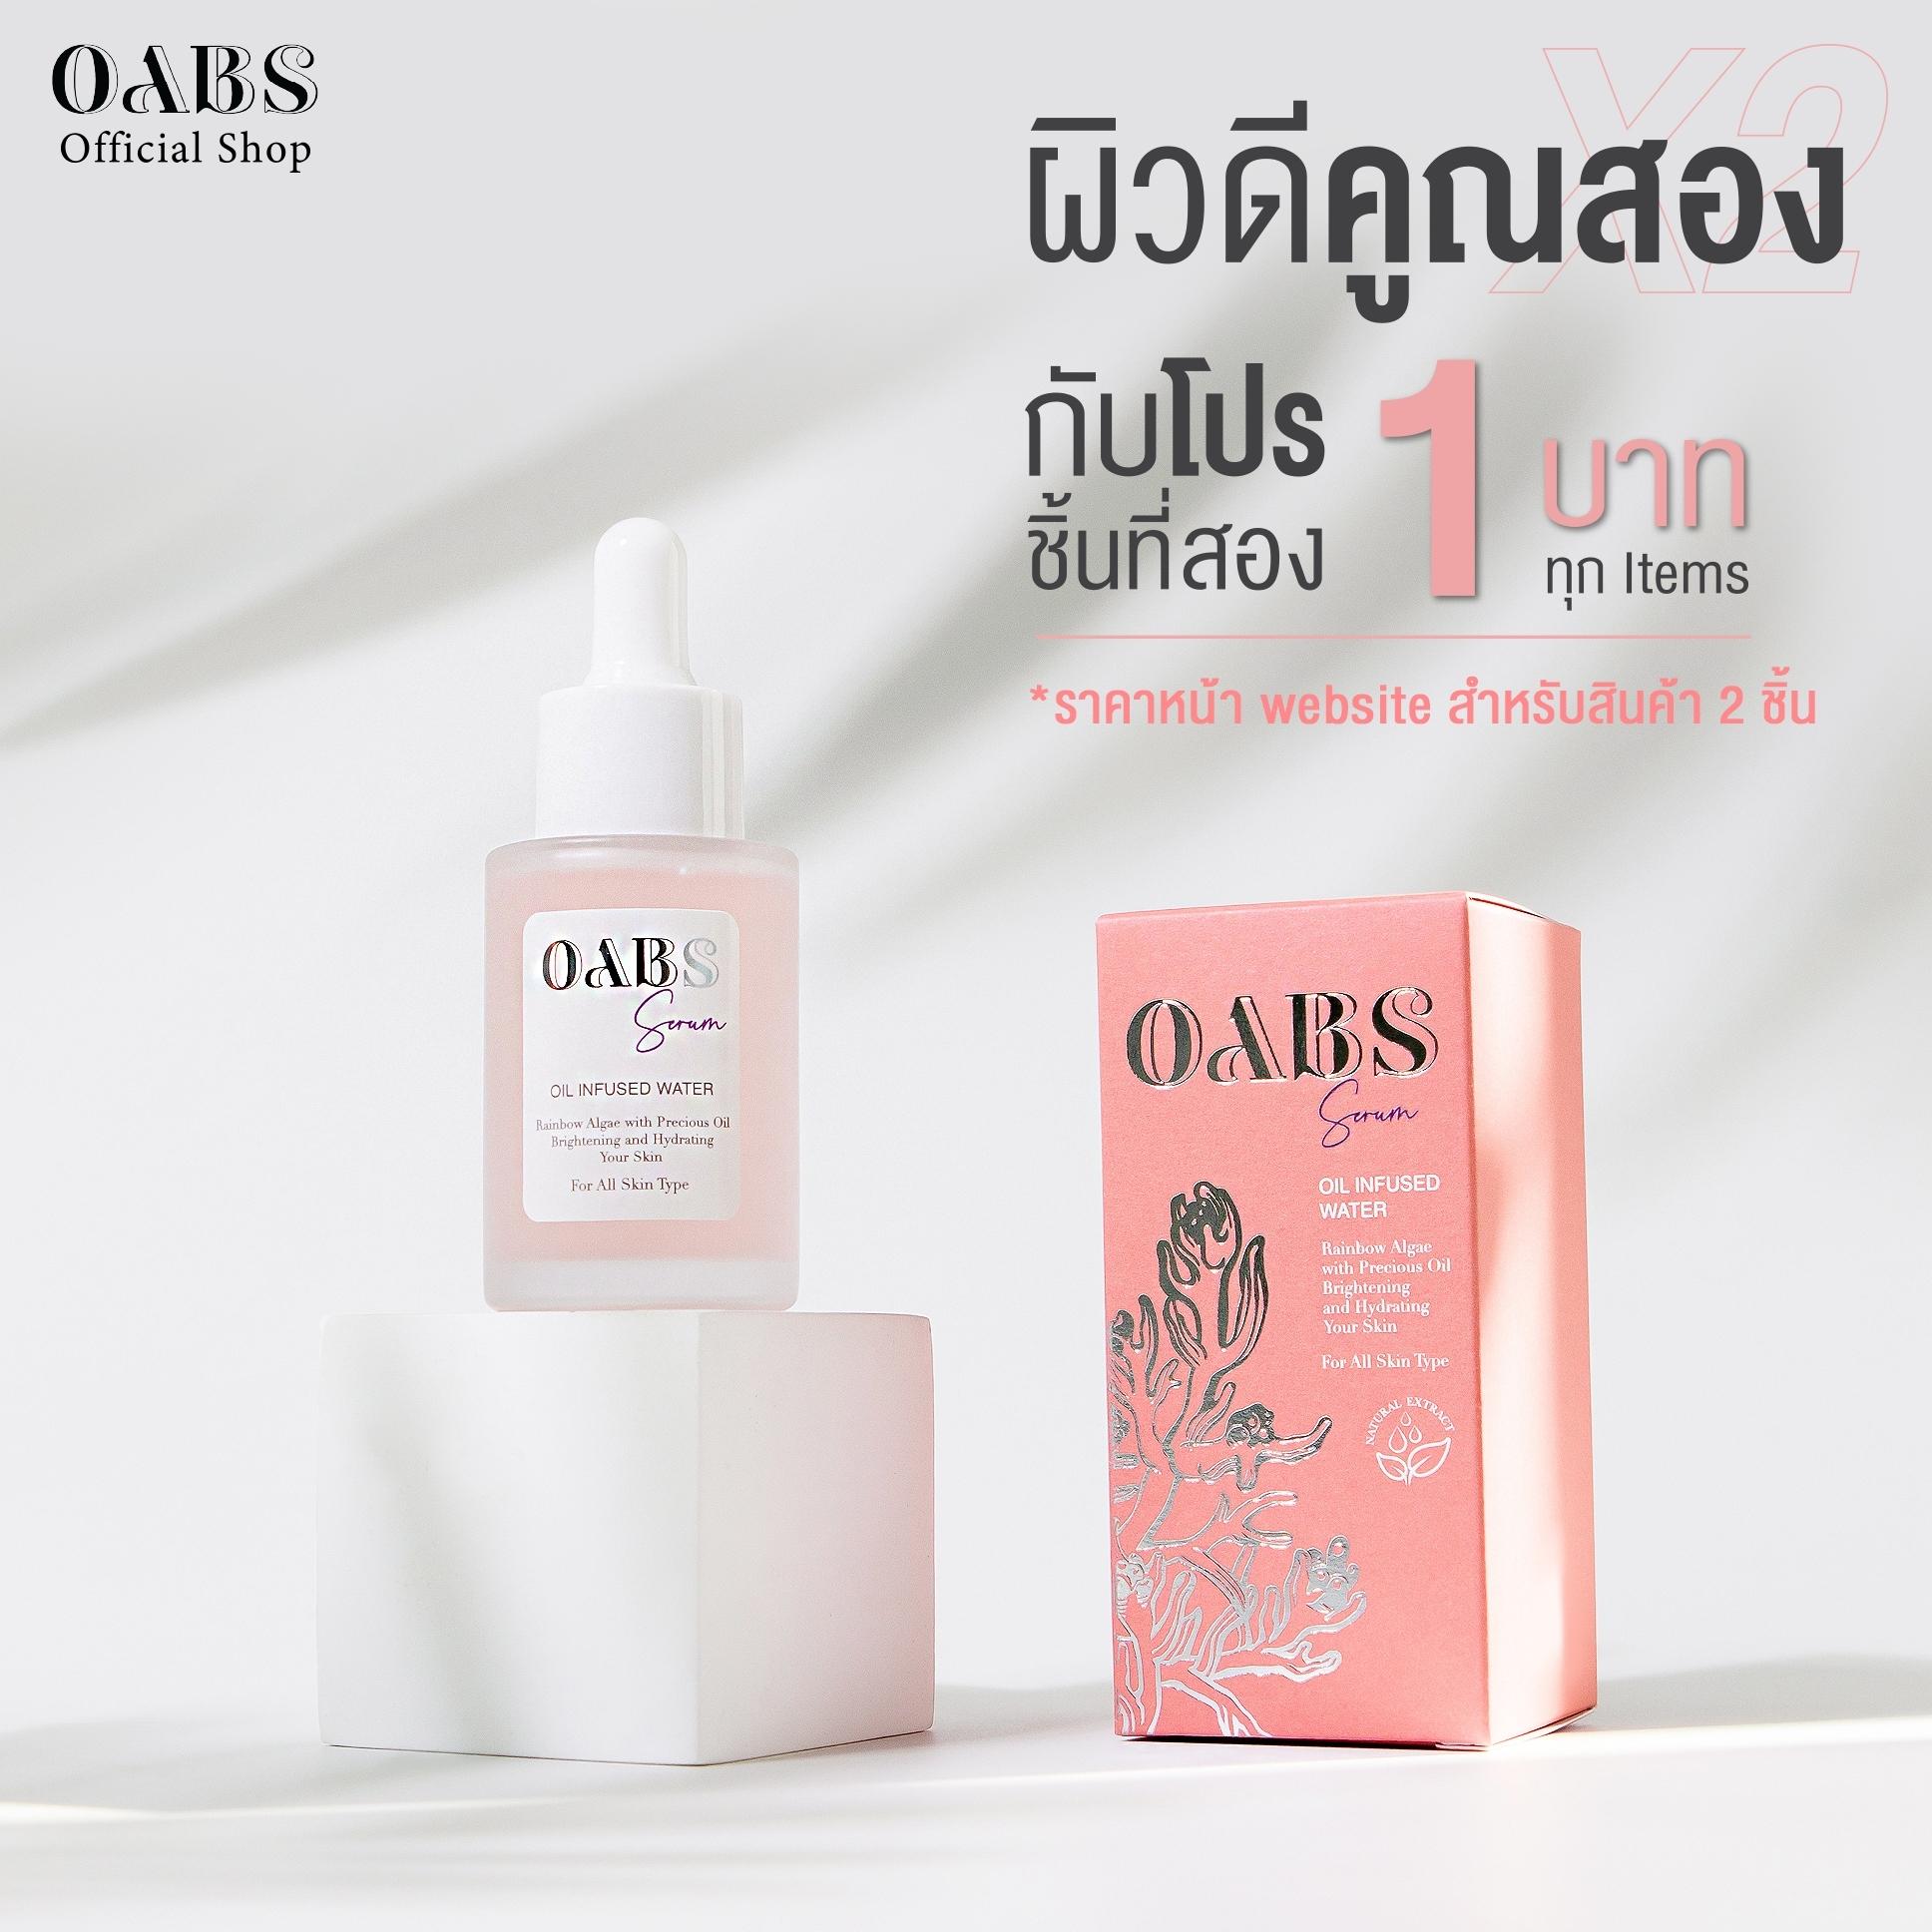 [ชิ้นที่สองราคา 1 บาท]  Oab's Oil Infused Water  30 ml. โอป ออยล์ อินฟิลส์ วอเตอร์ แถมขนาดทดลอง Melting Sugar Scrub 2ซอง, Melt-On Skin Serum2ซอง (ราคาสำหรับ 2 ชิ้น)